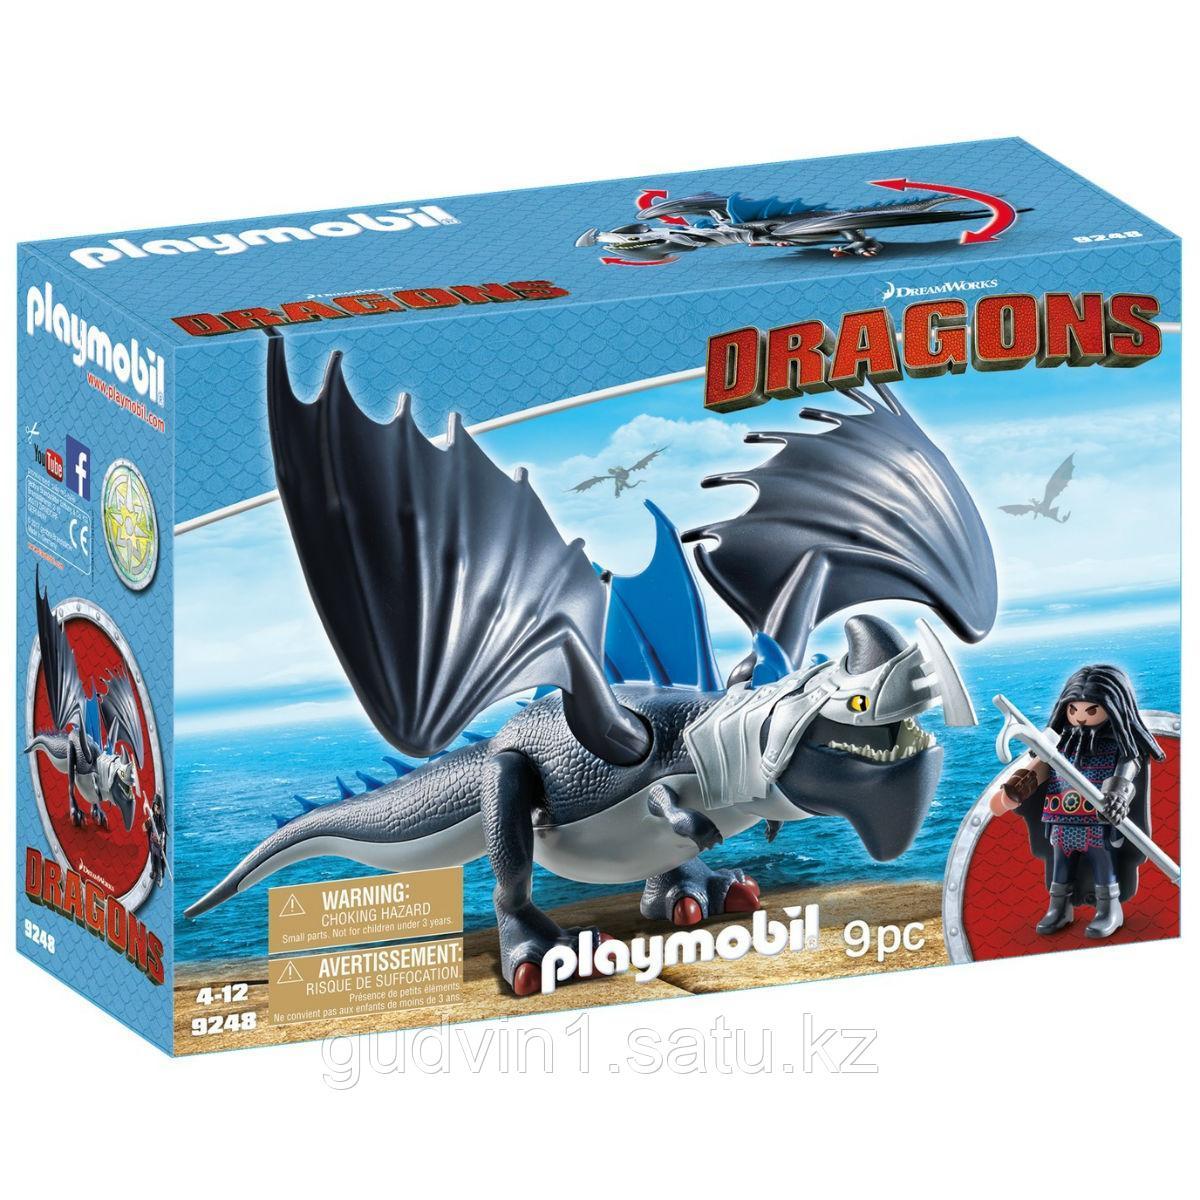 Конструктор Playmobil Драконы: Драконы: Драго и Громокоготь 9248pm